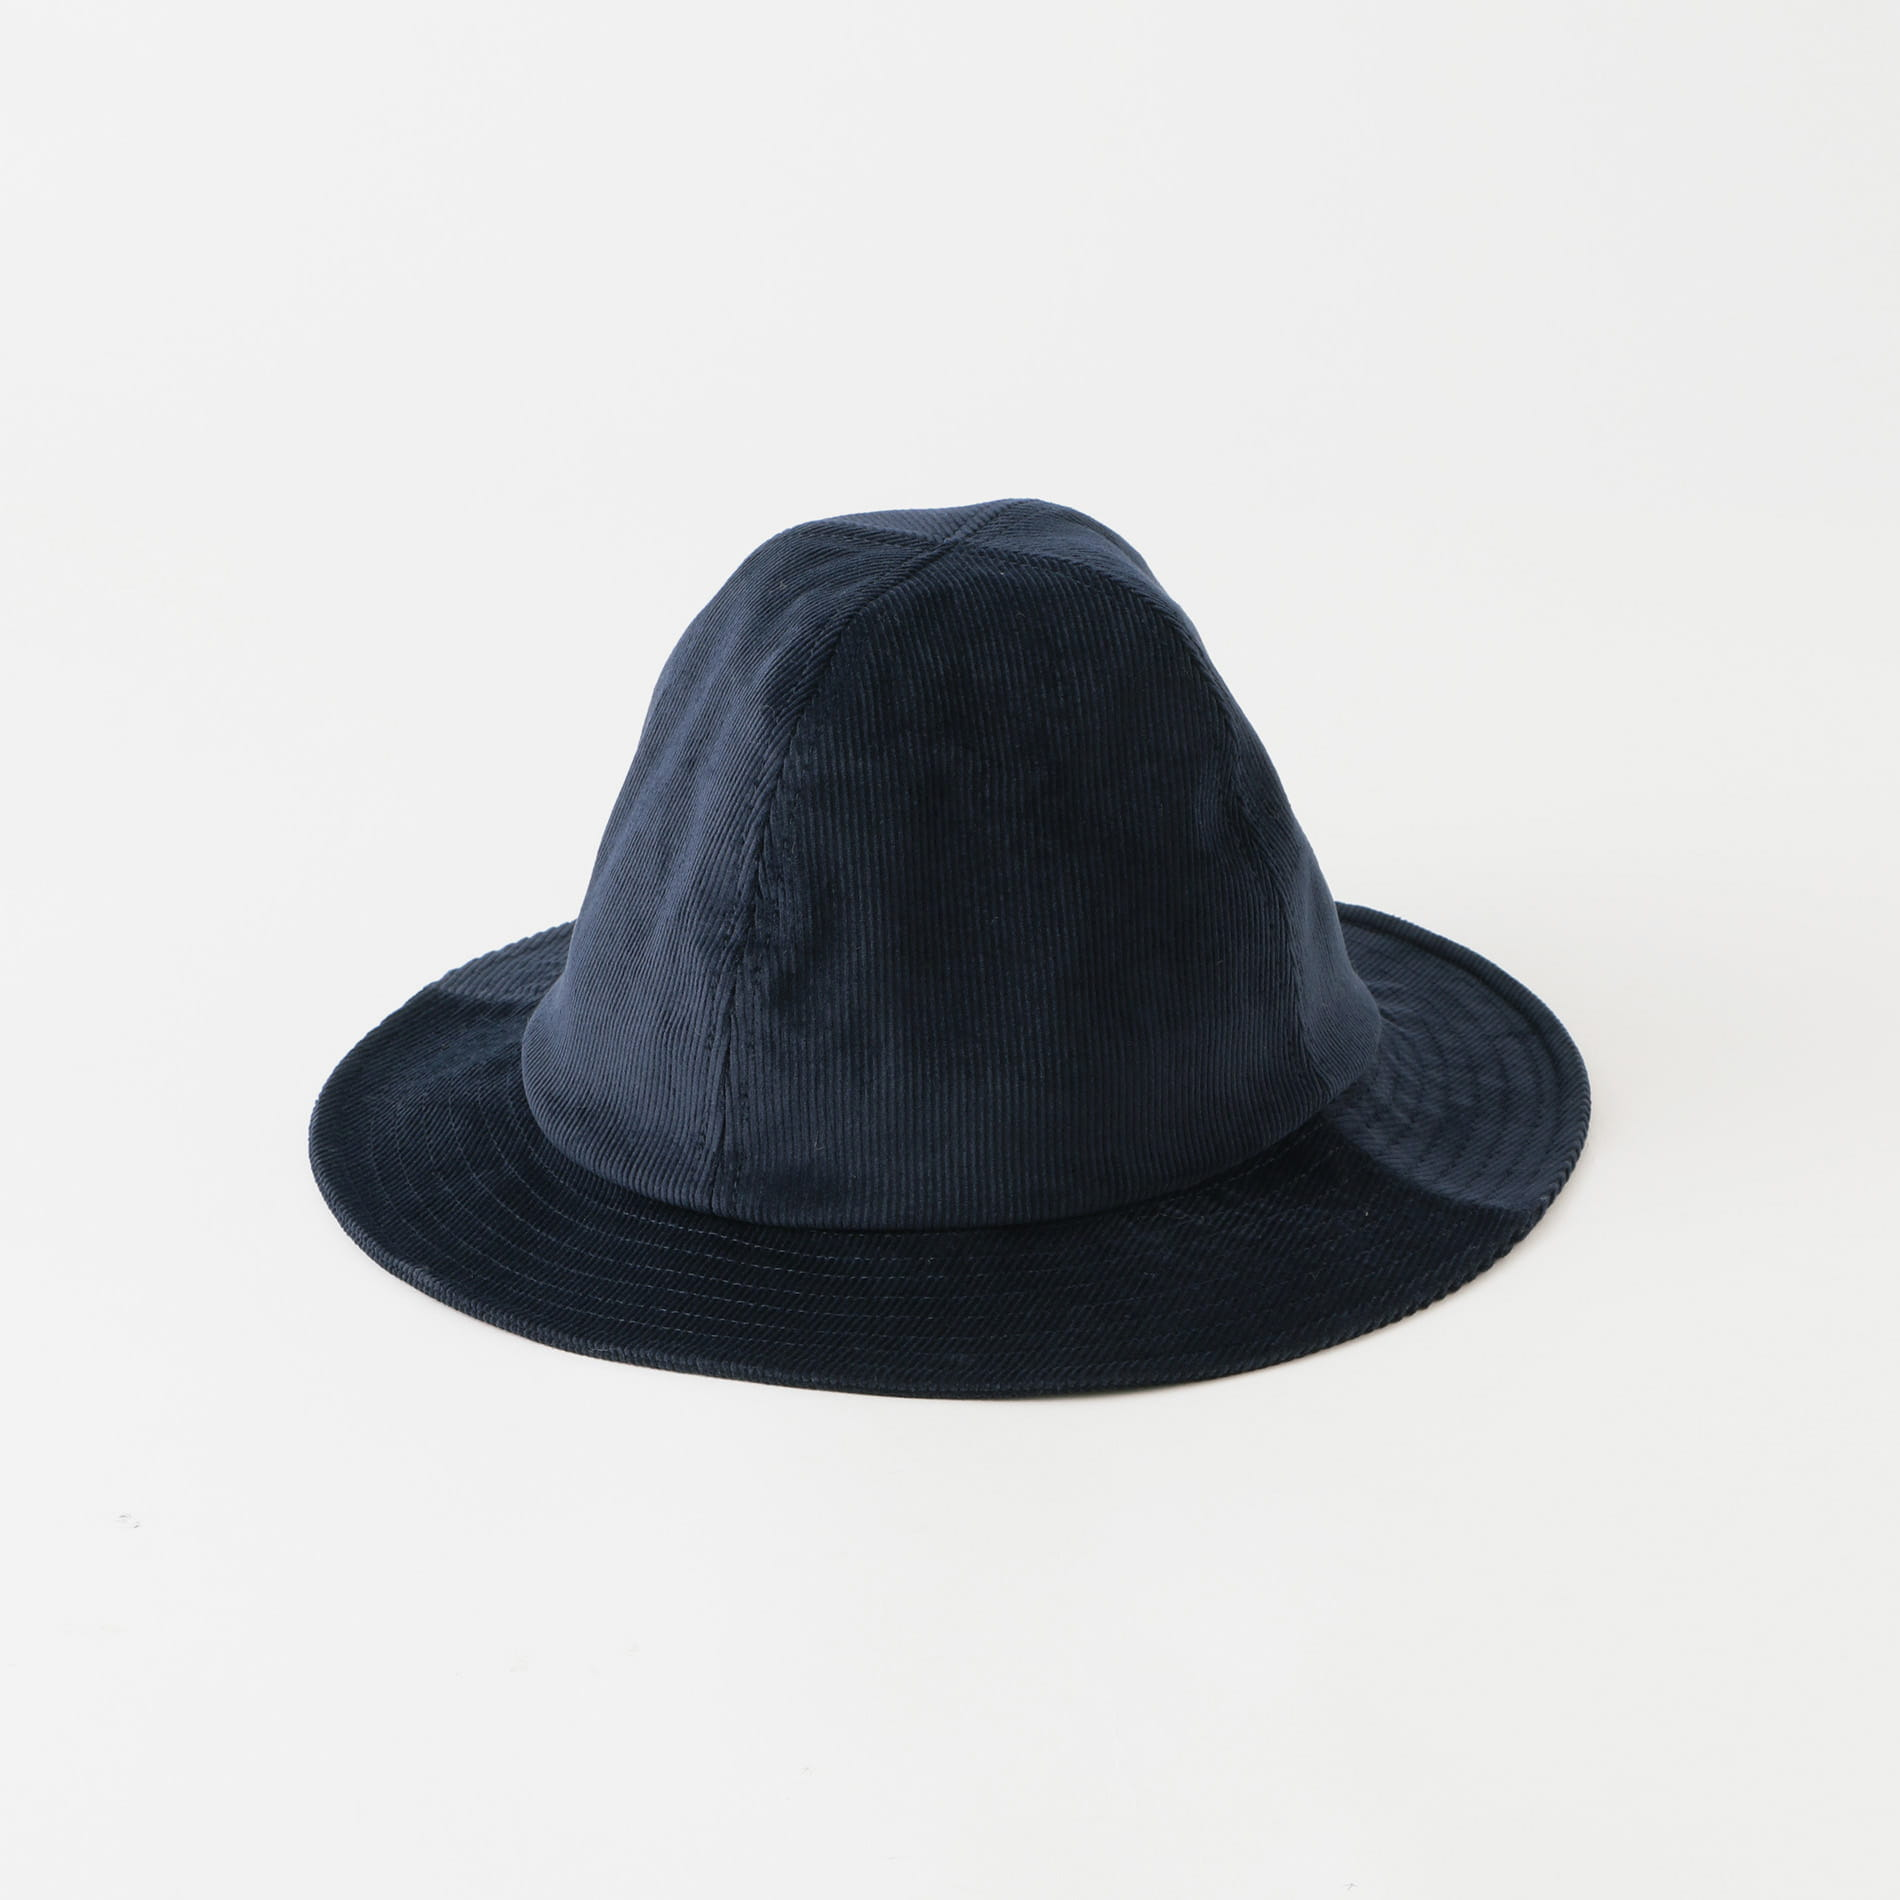 【Charcoal】MEN 帽子 OC Cotton AZE Watch Cap 20-22-2-053